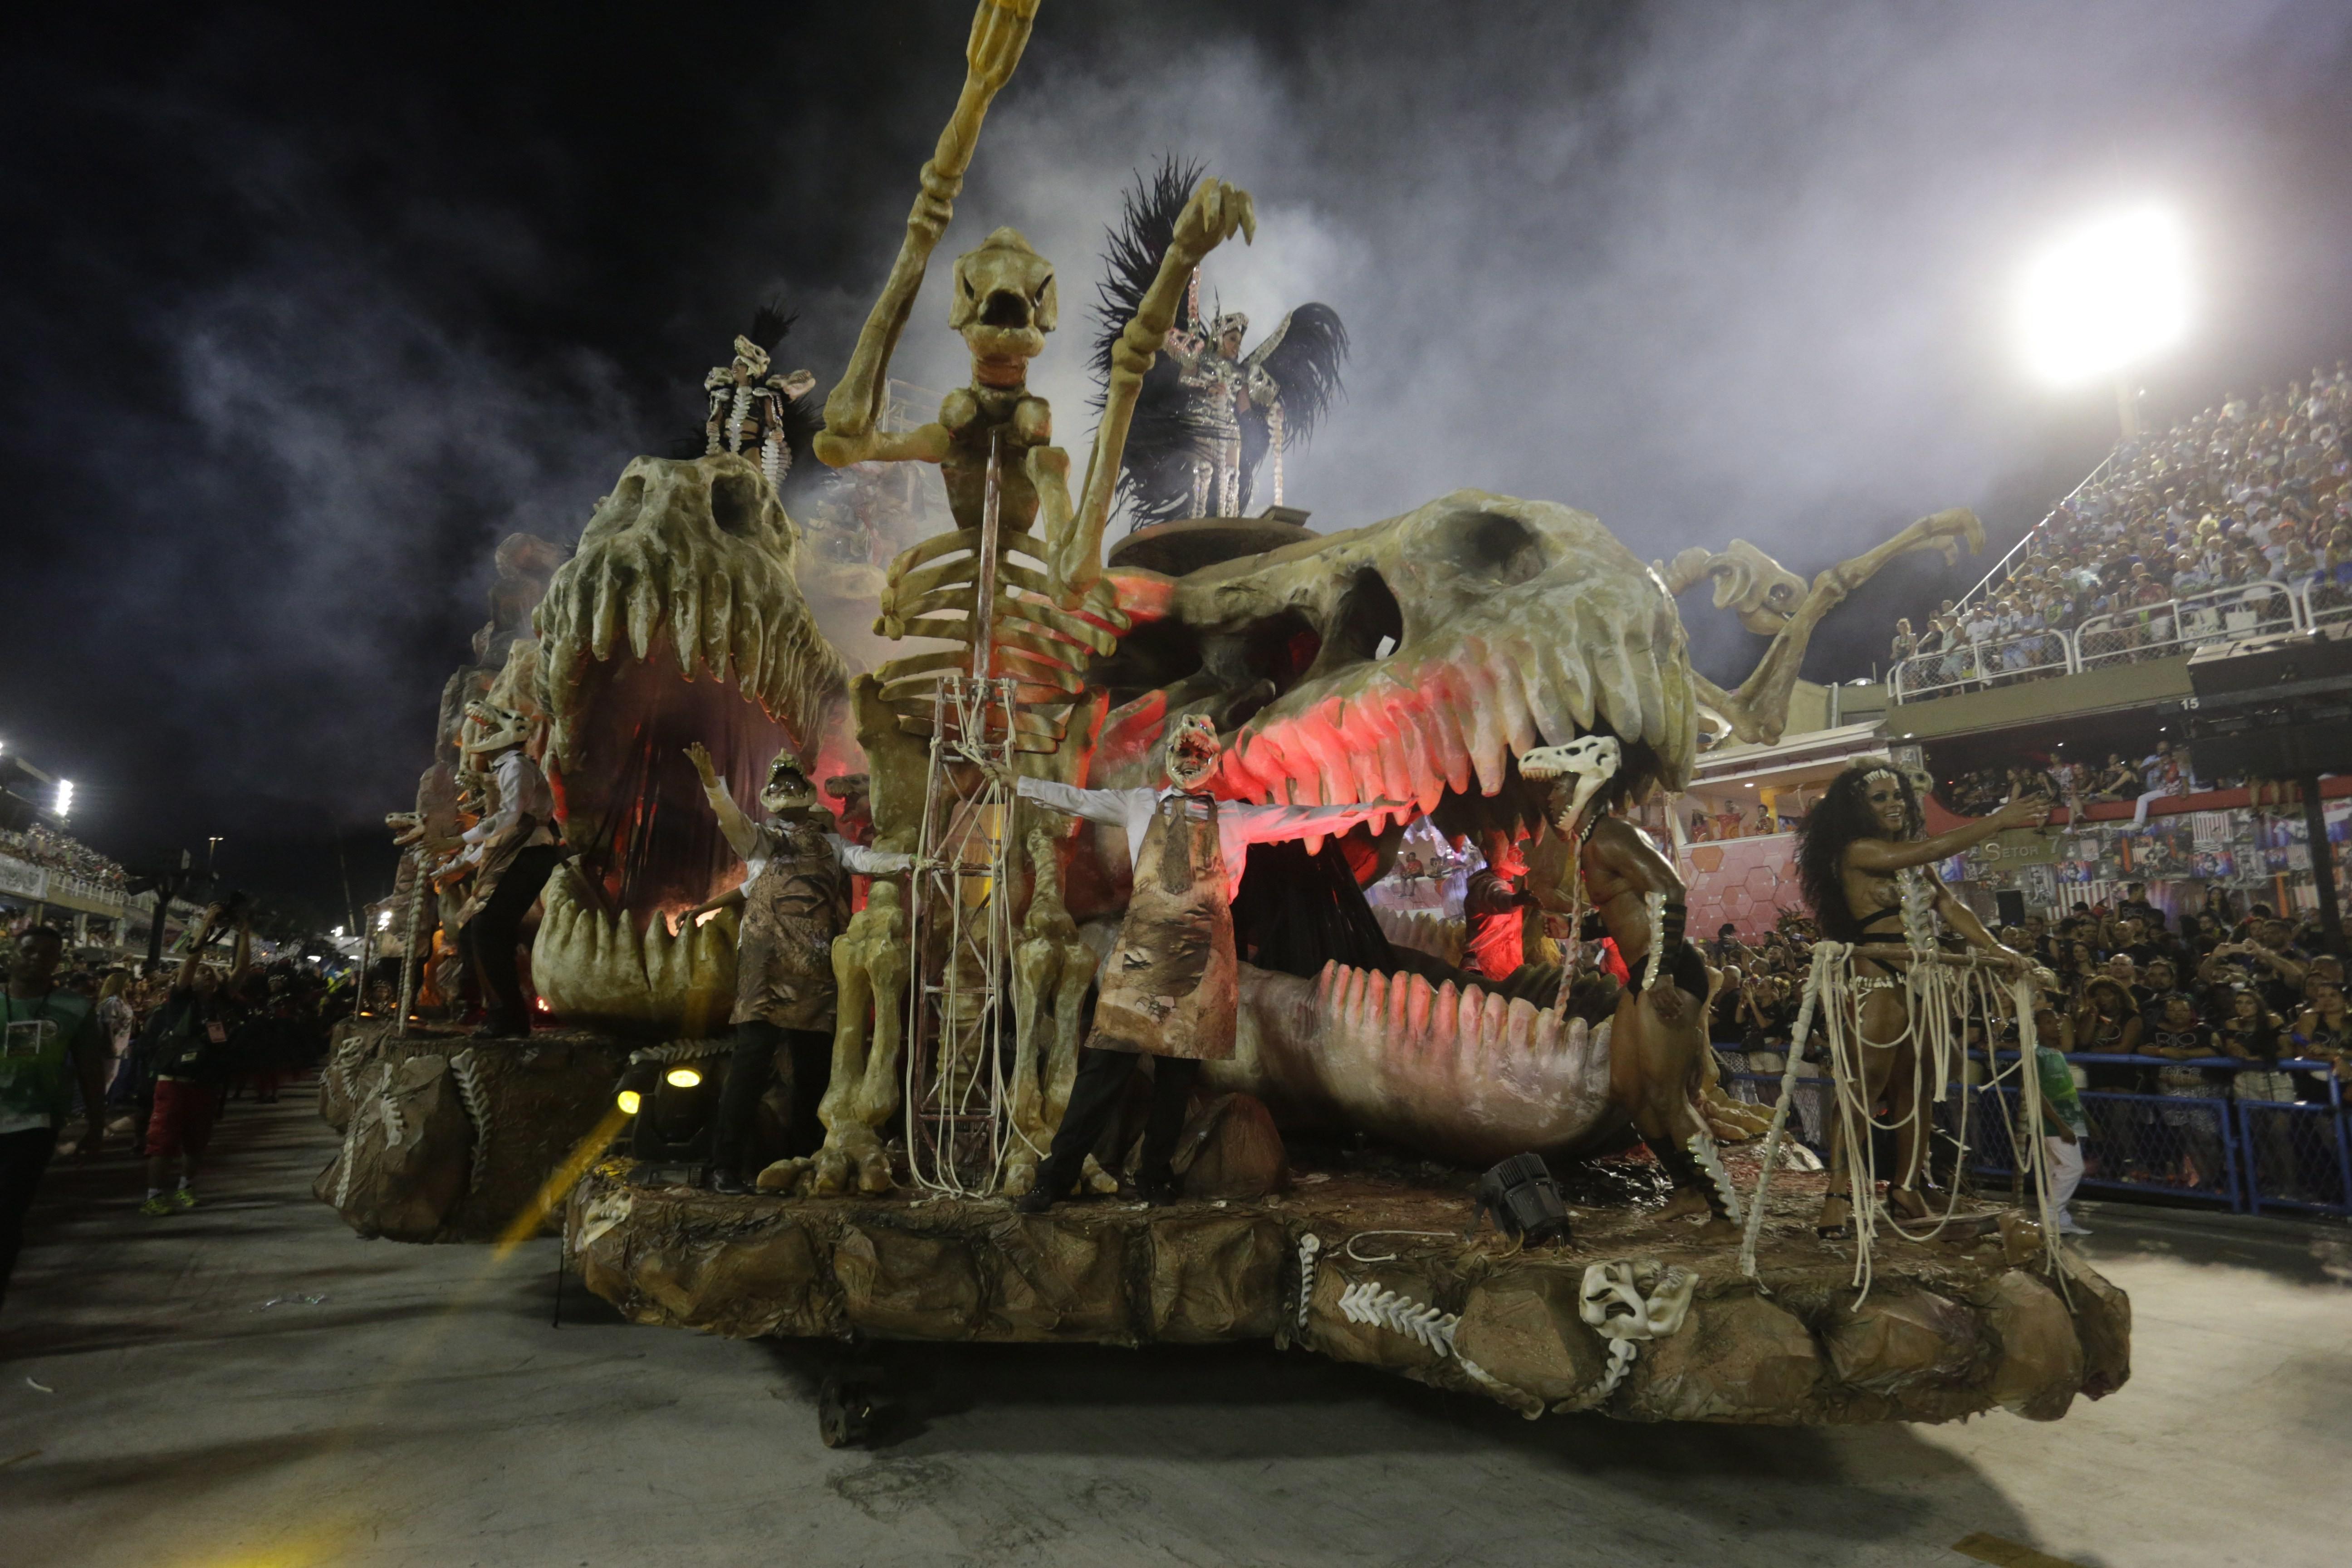 Fósseis de dinossauros, parte querida do acervo do museu, é representado em uma alegoria